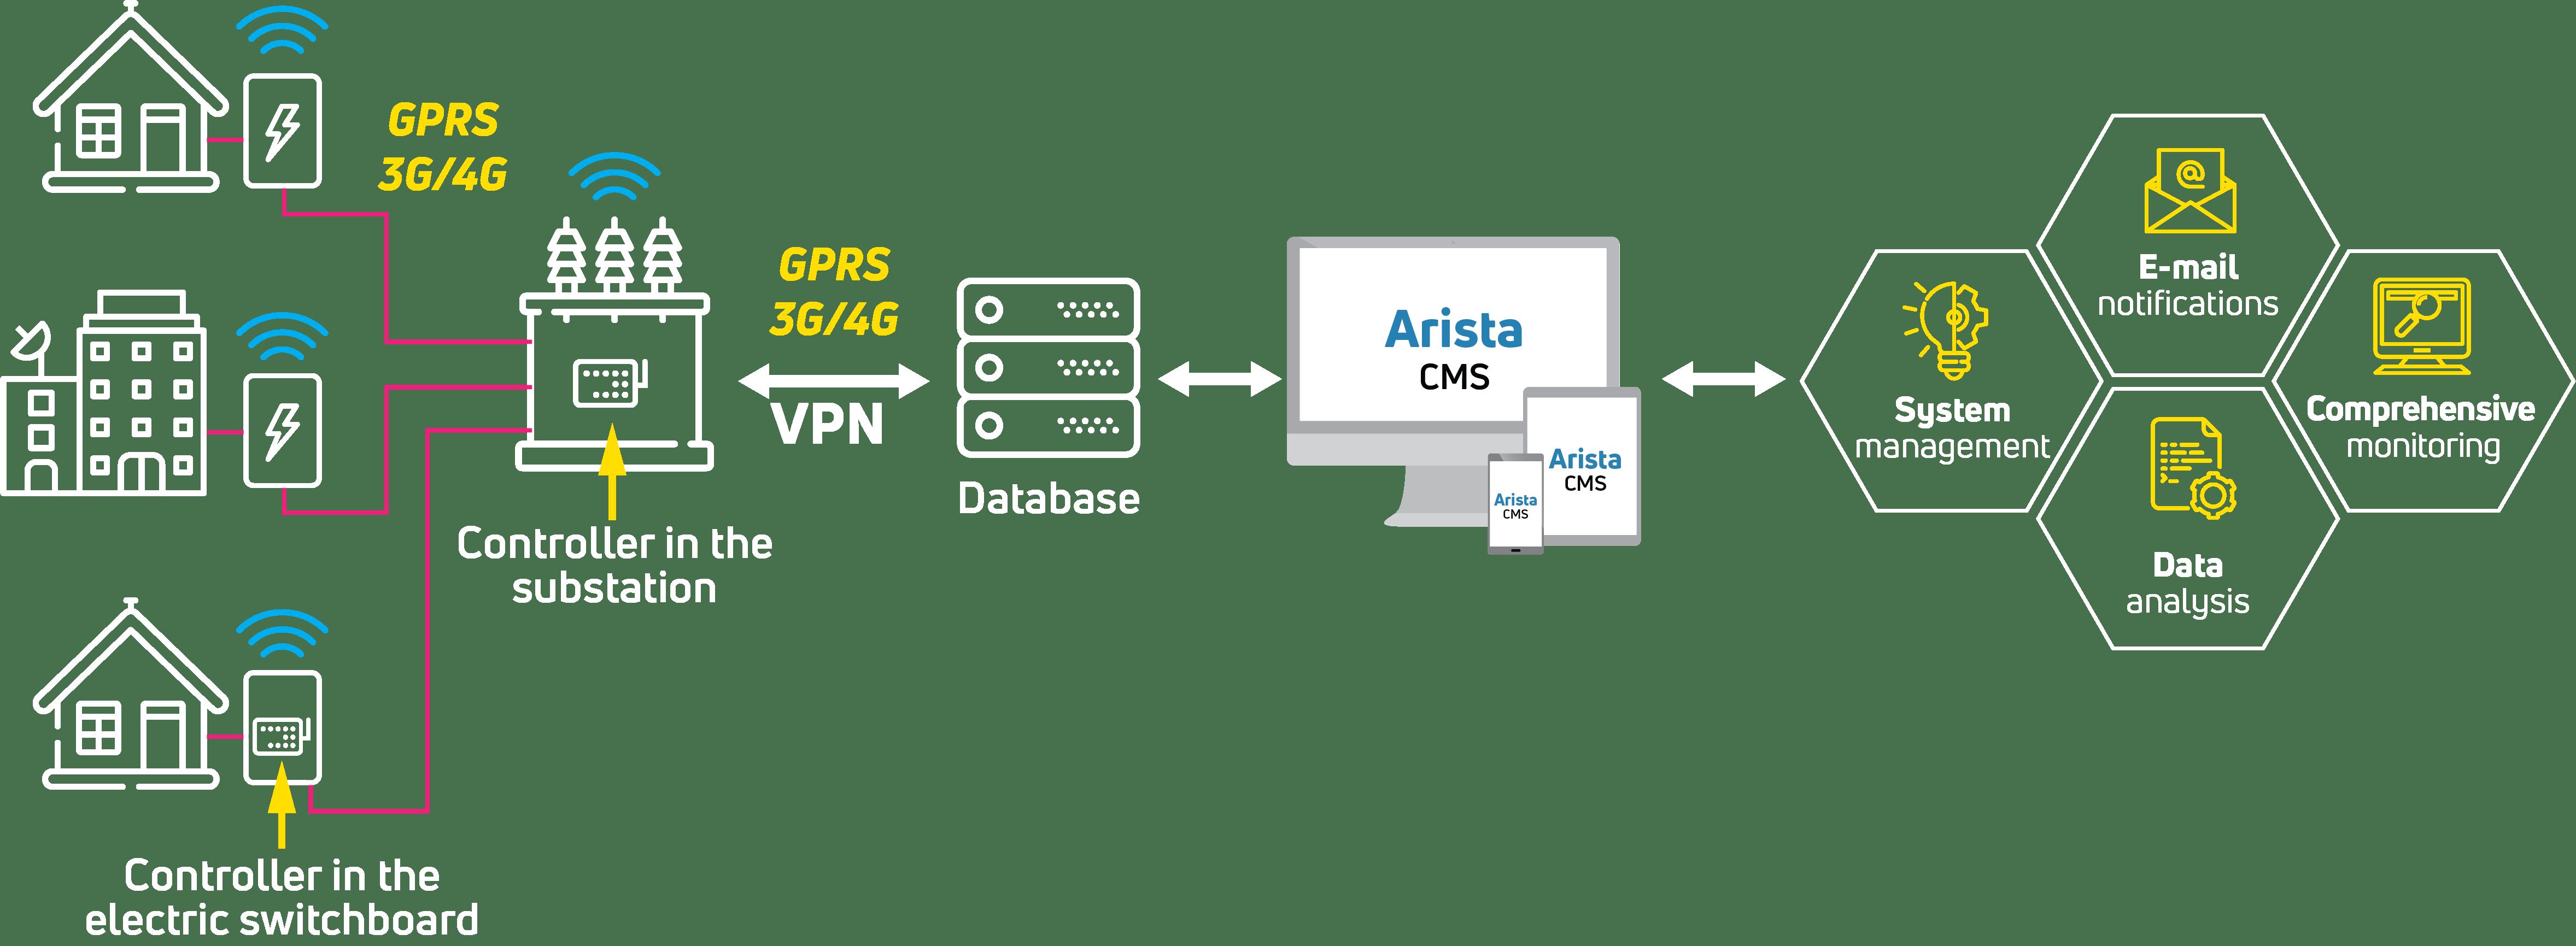 Monitoring substations Arista CMS